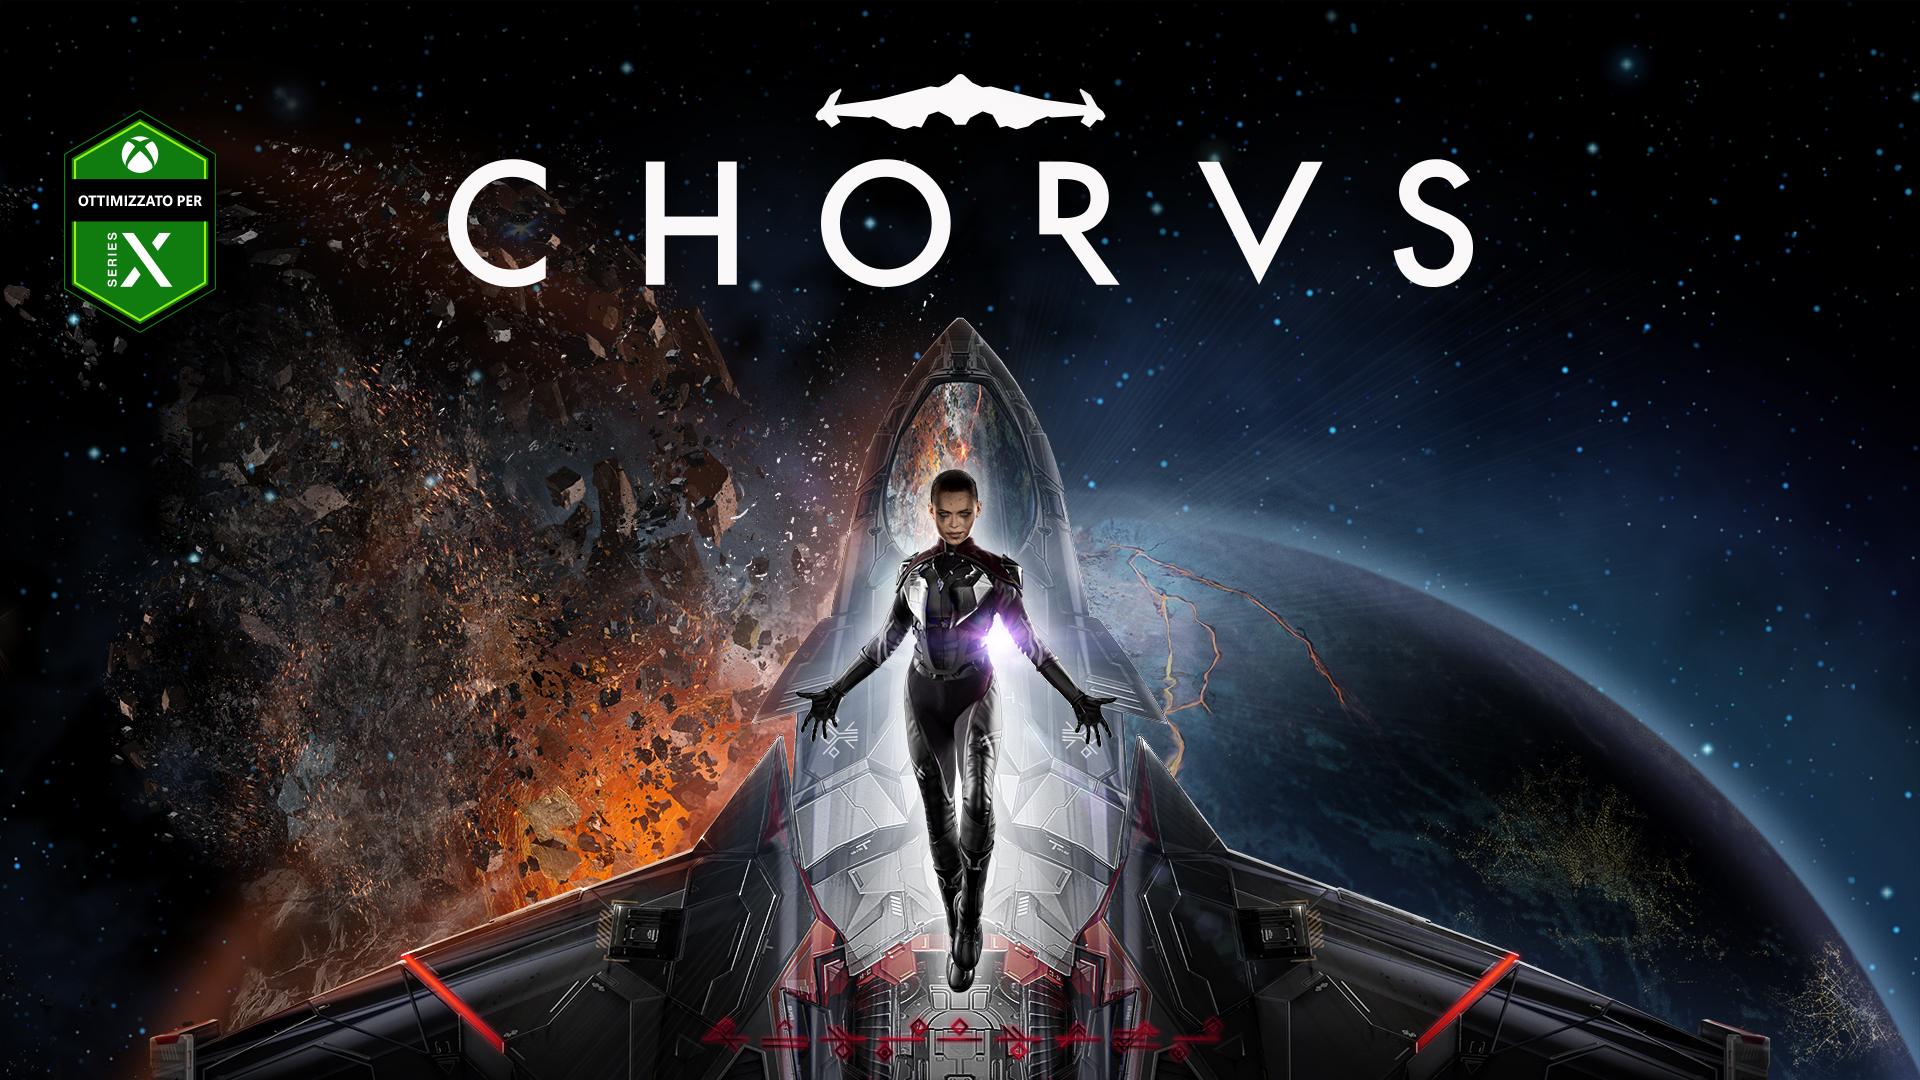 Immagine del gioco Chorus.